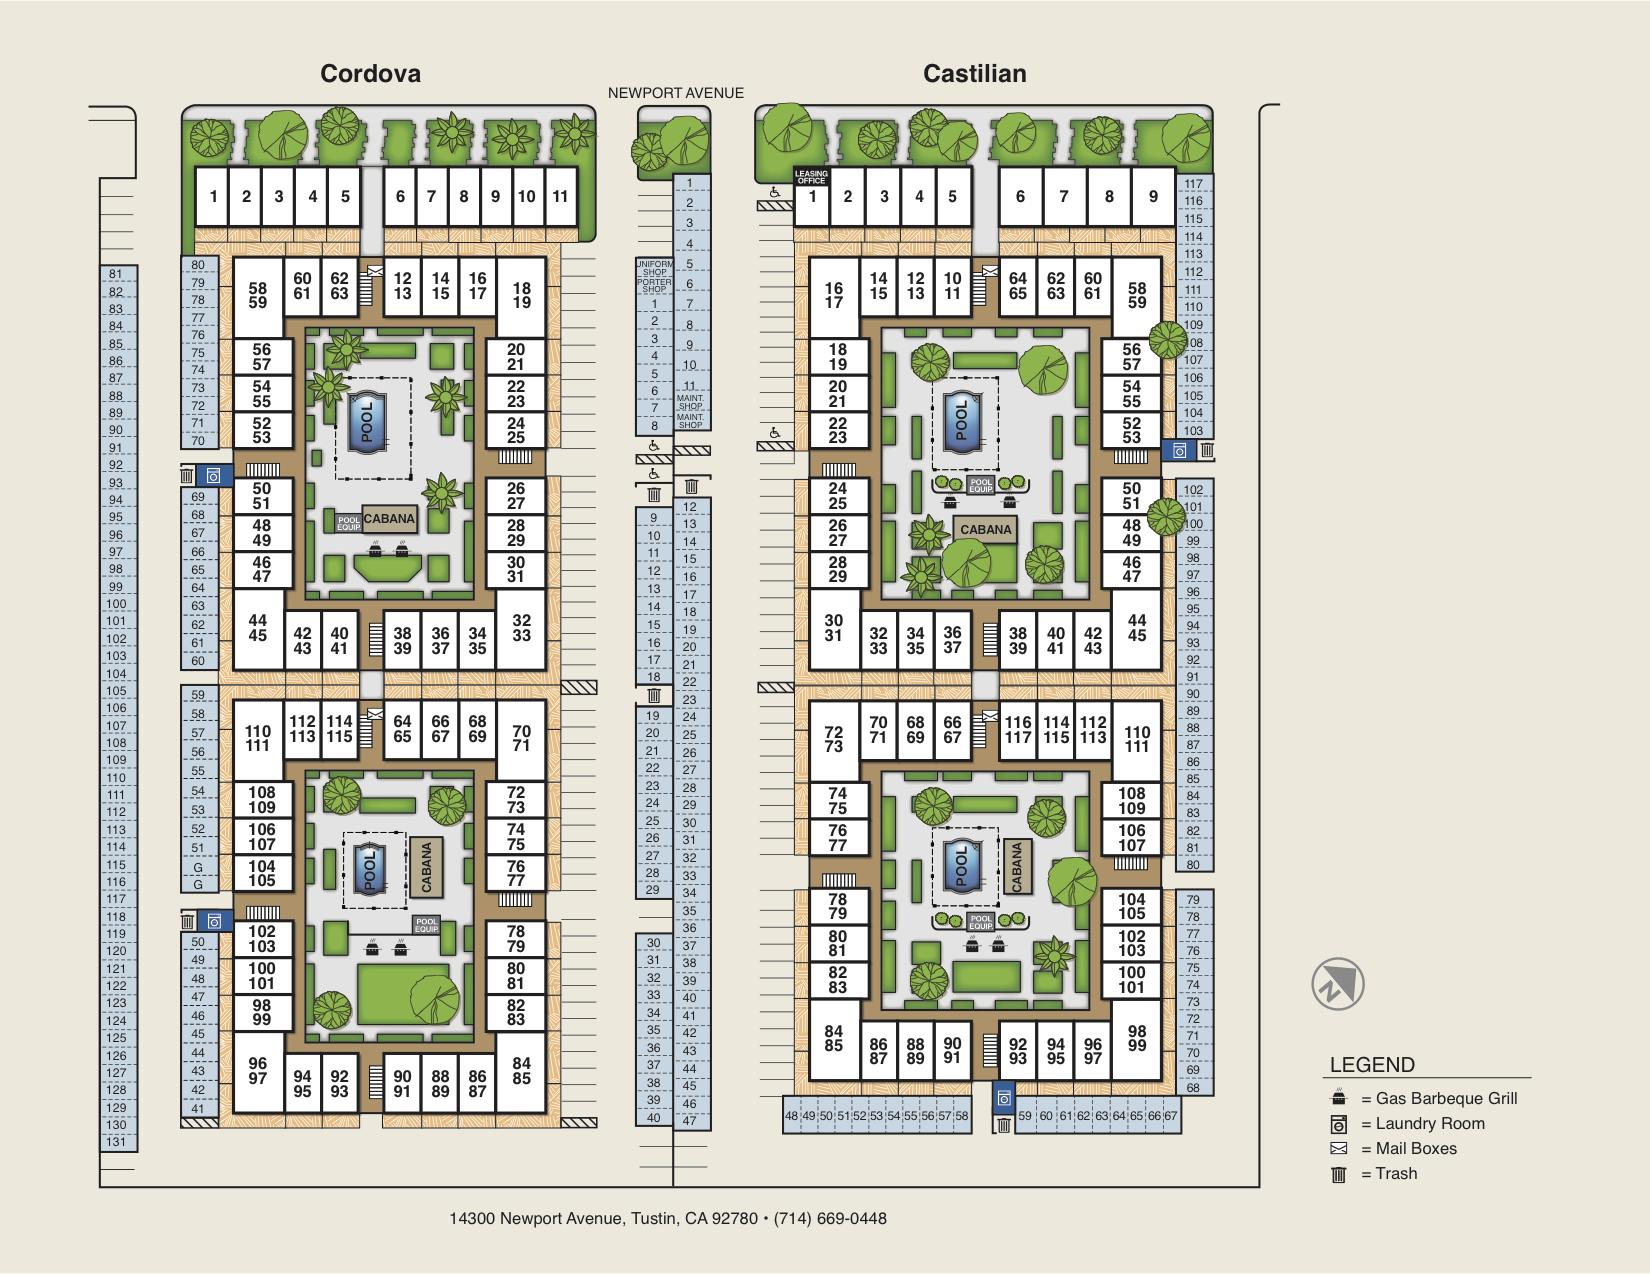 Castilian Apartments Reviews